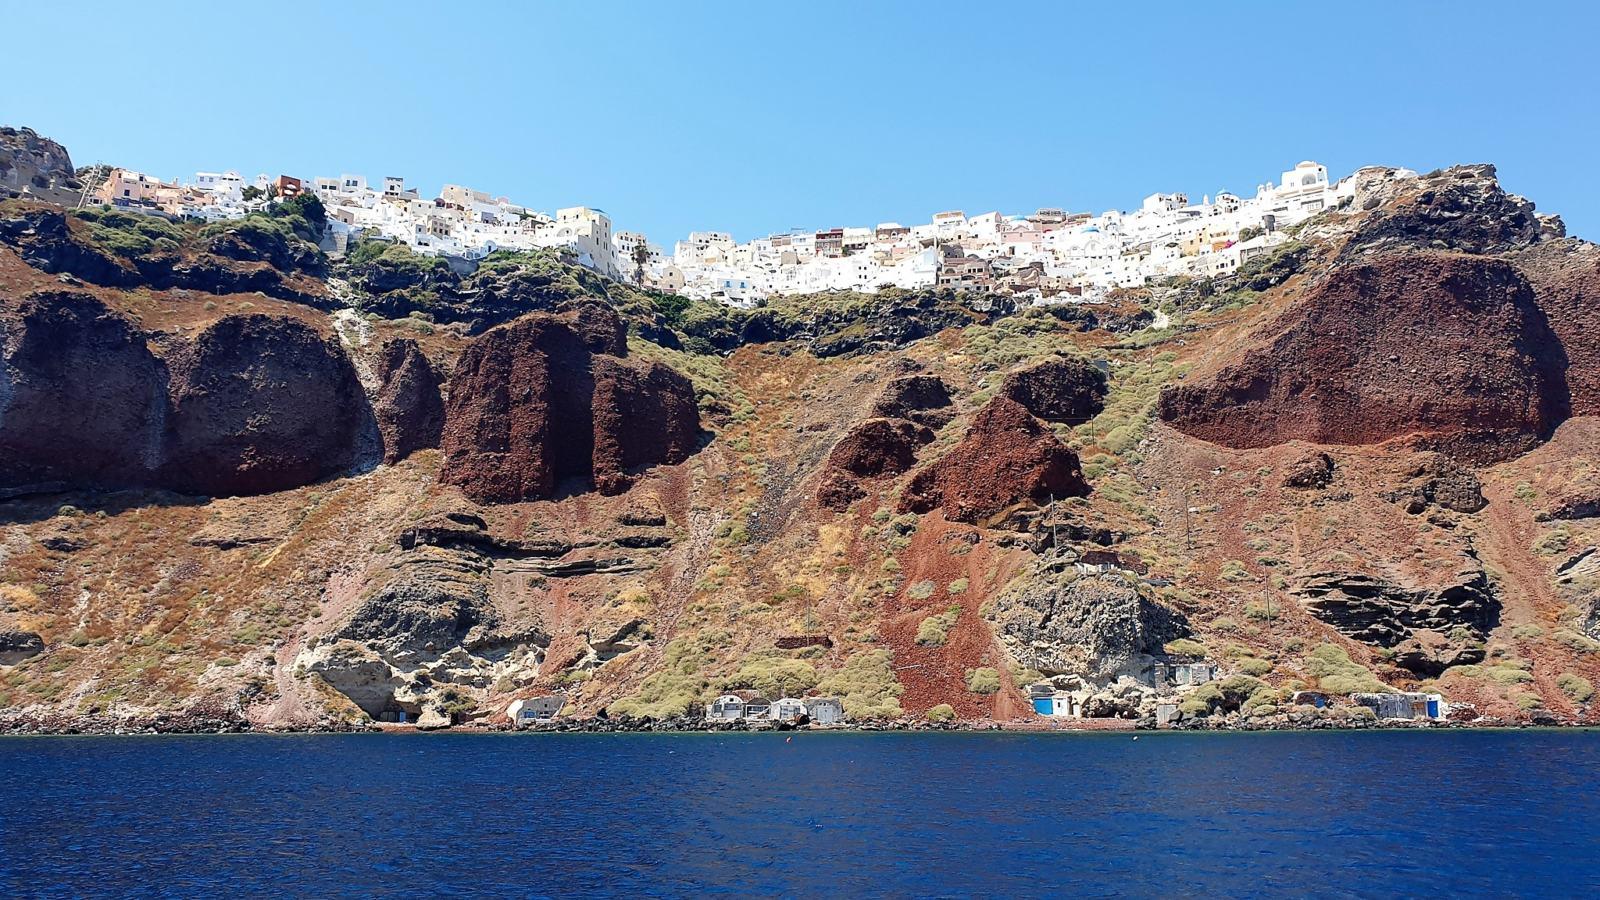 La terra rossa di Santorini